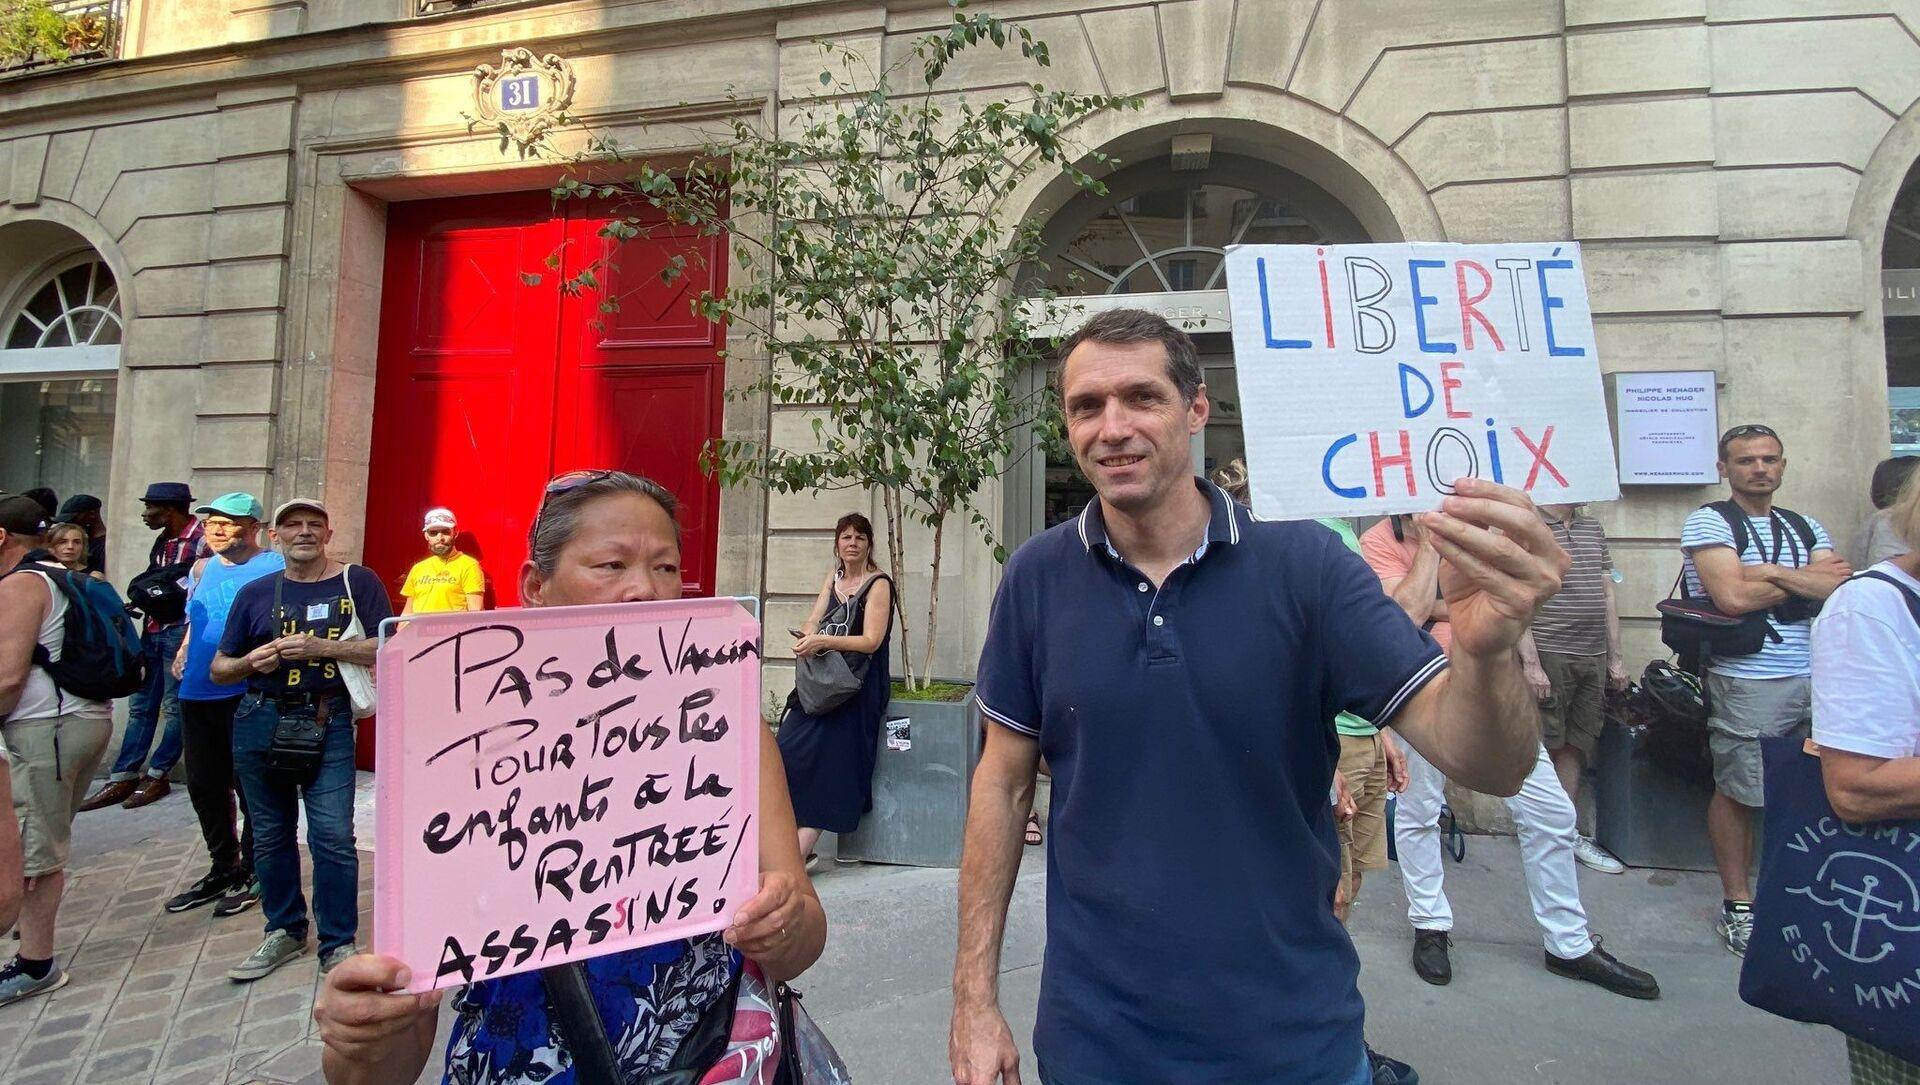 Manifestation contre l'extension du pass sanitaire à Paris, le 22 juillet 2021 - Sputnik France, 1920, 27.07.2021